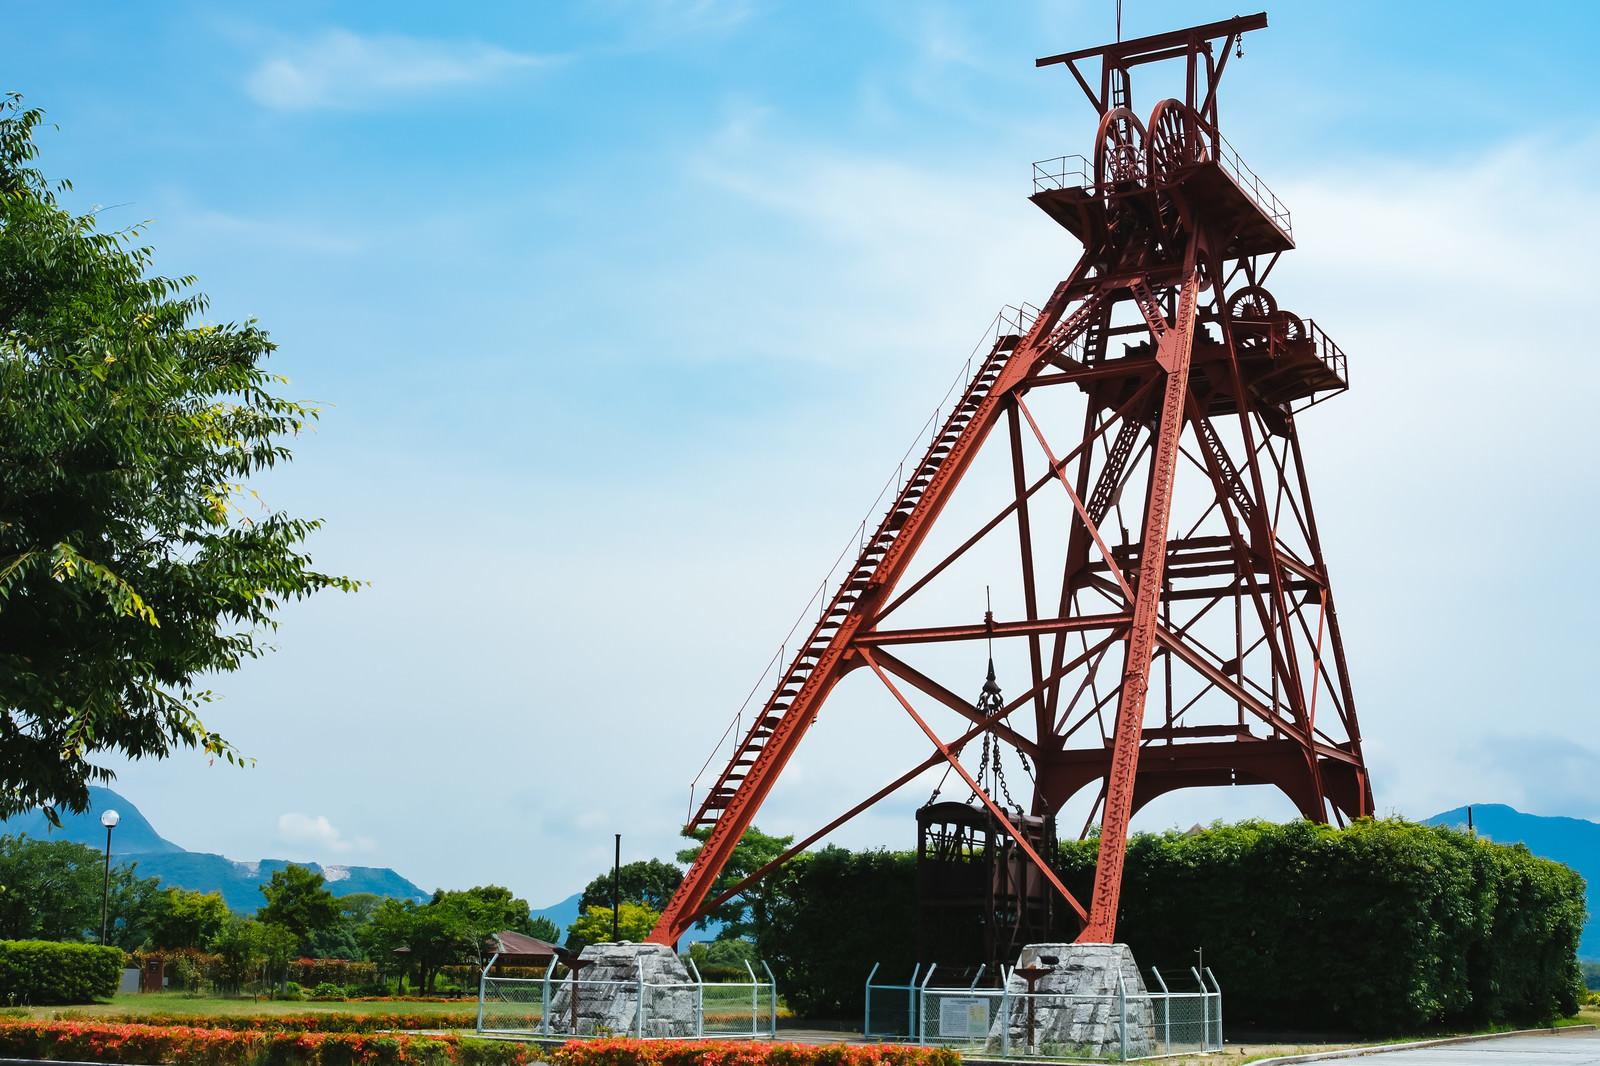 「伊田竪坑櫓(石炭記念公園)」の写真